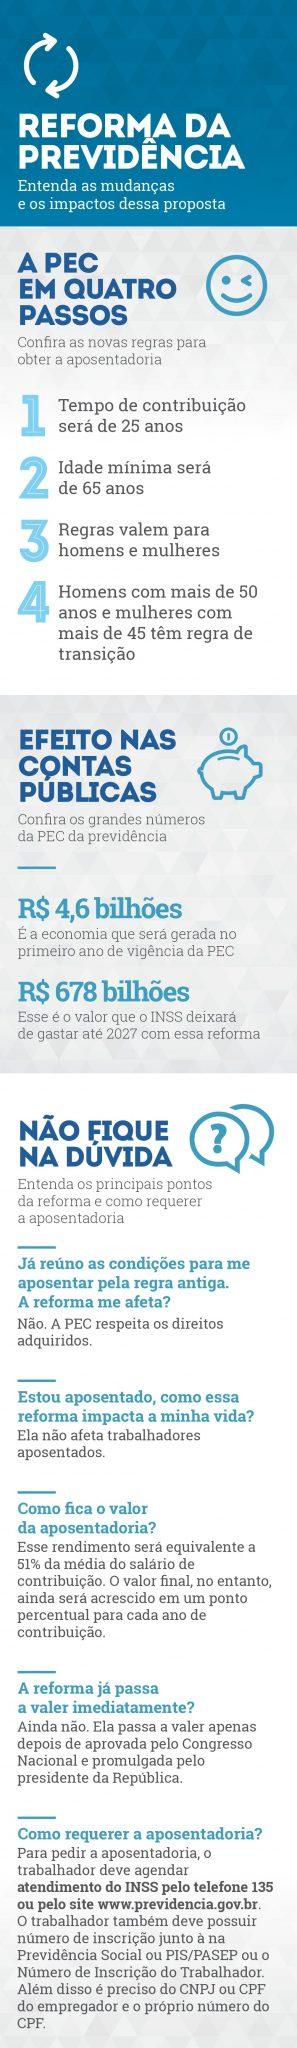 Para garantir a aposentadoria dos brasileiros, o governo propôs uma reforma da Previdência Social